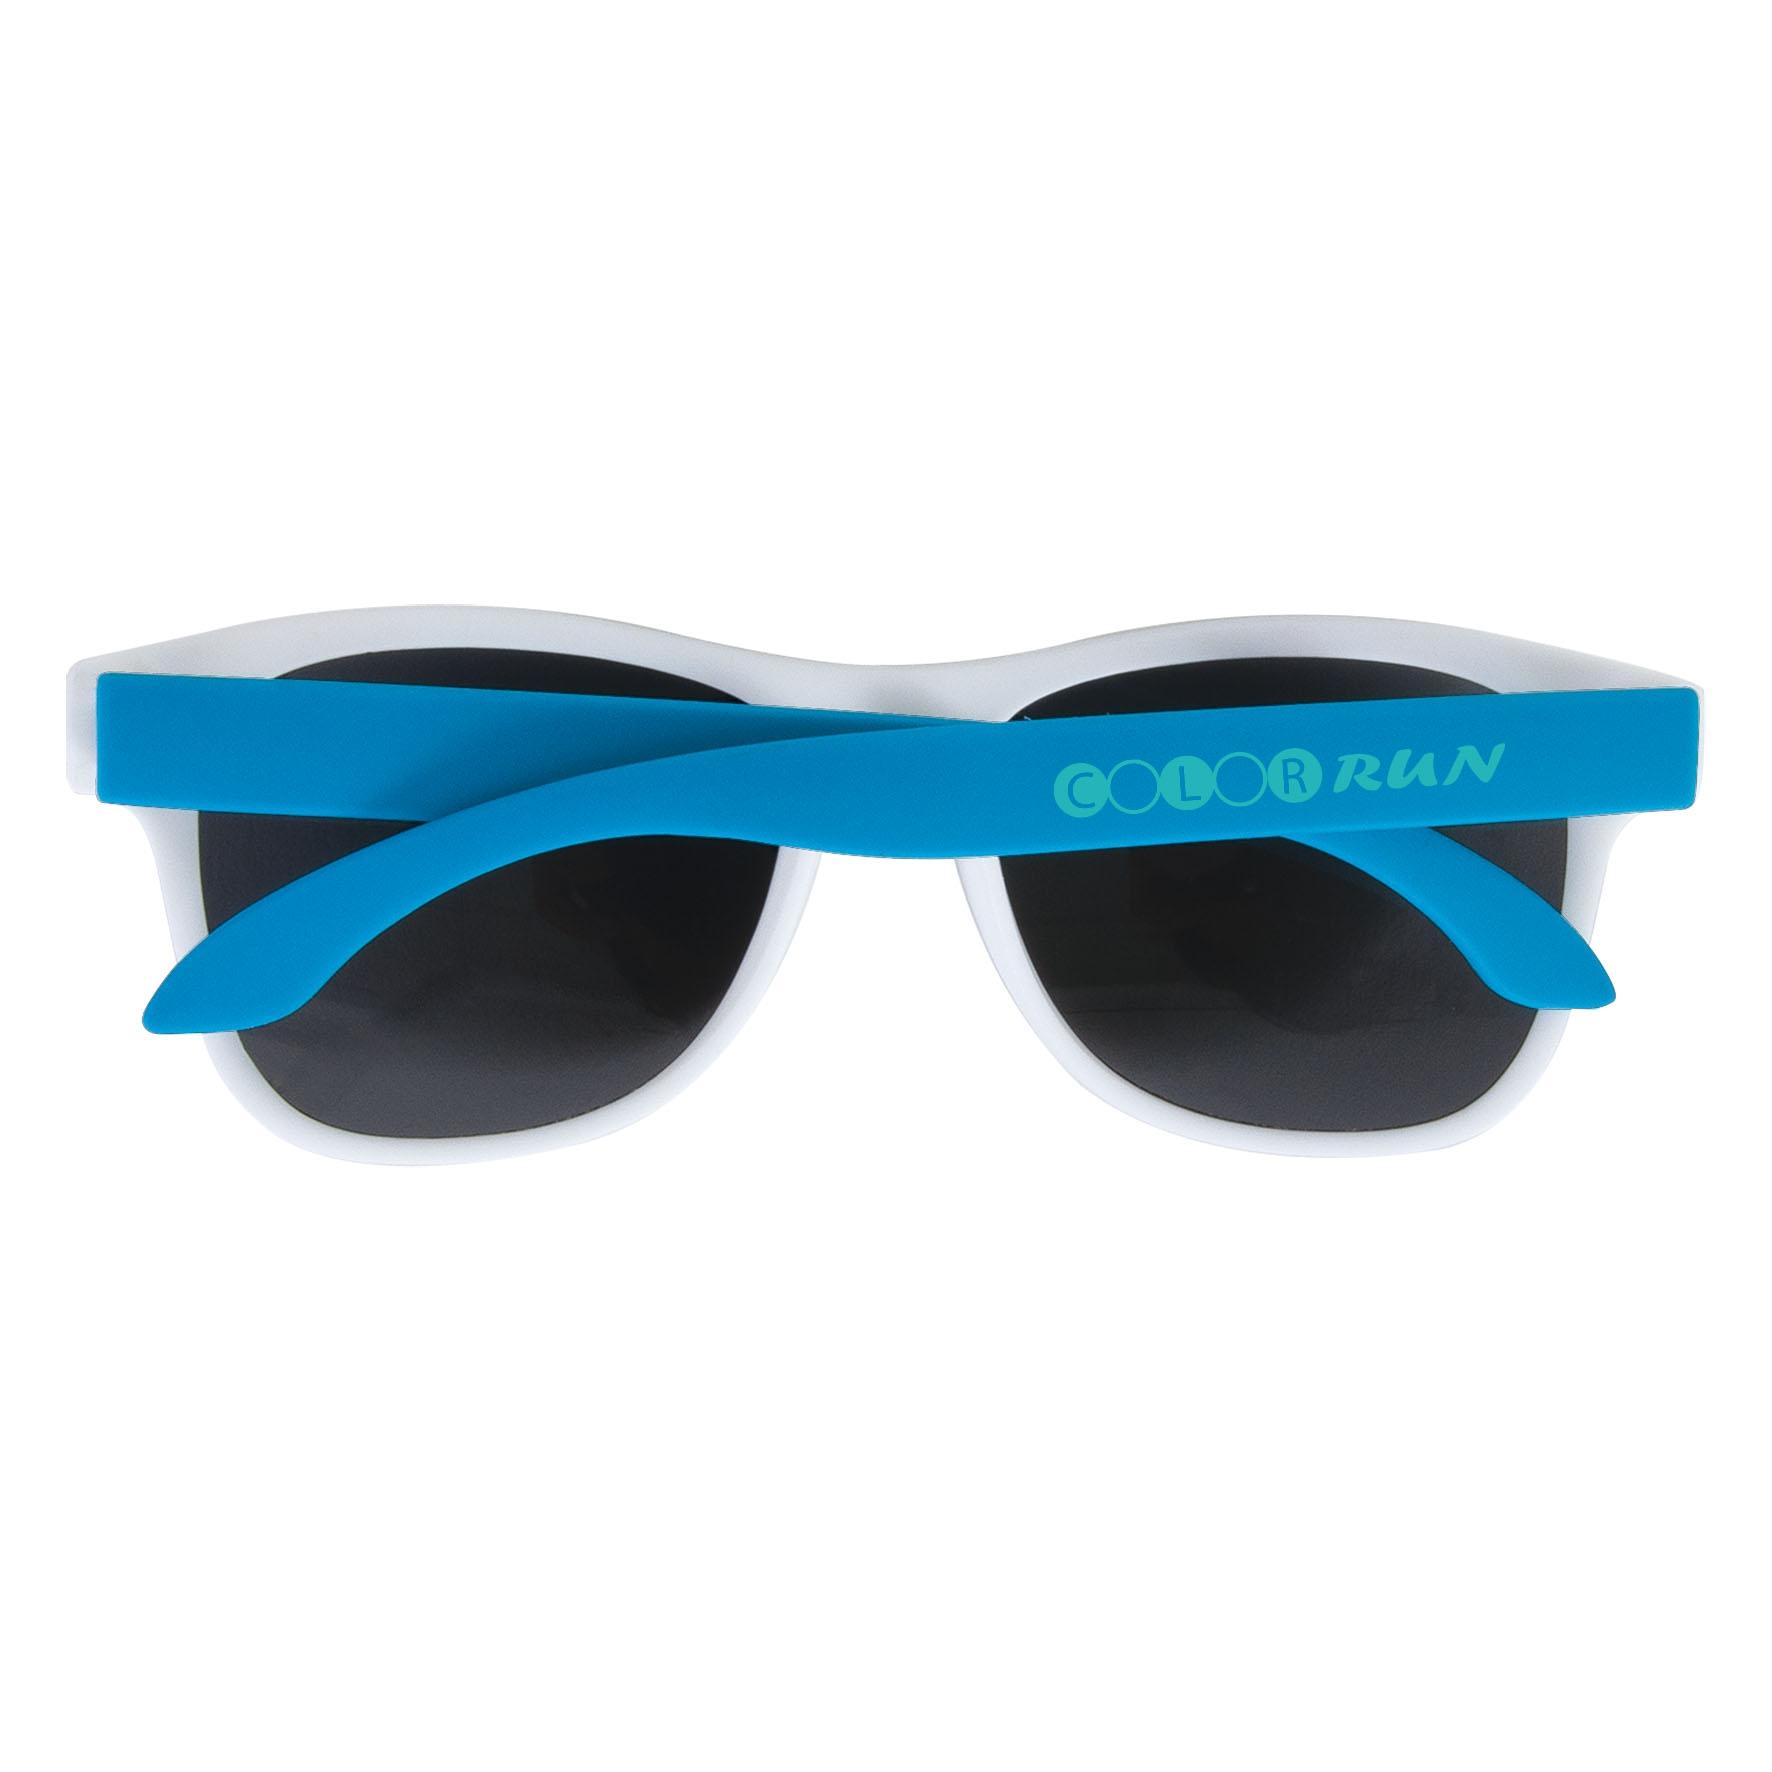 Objet publicitaire été - Lunettes de soleil adulte 3 couleurs - bleu